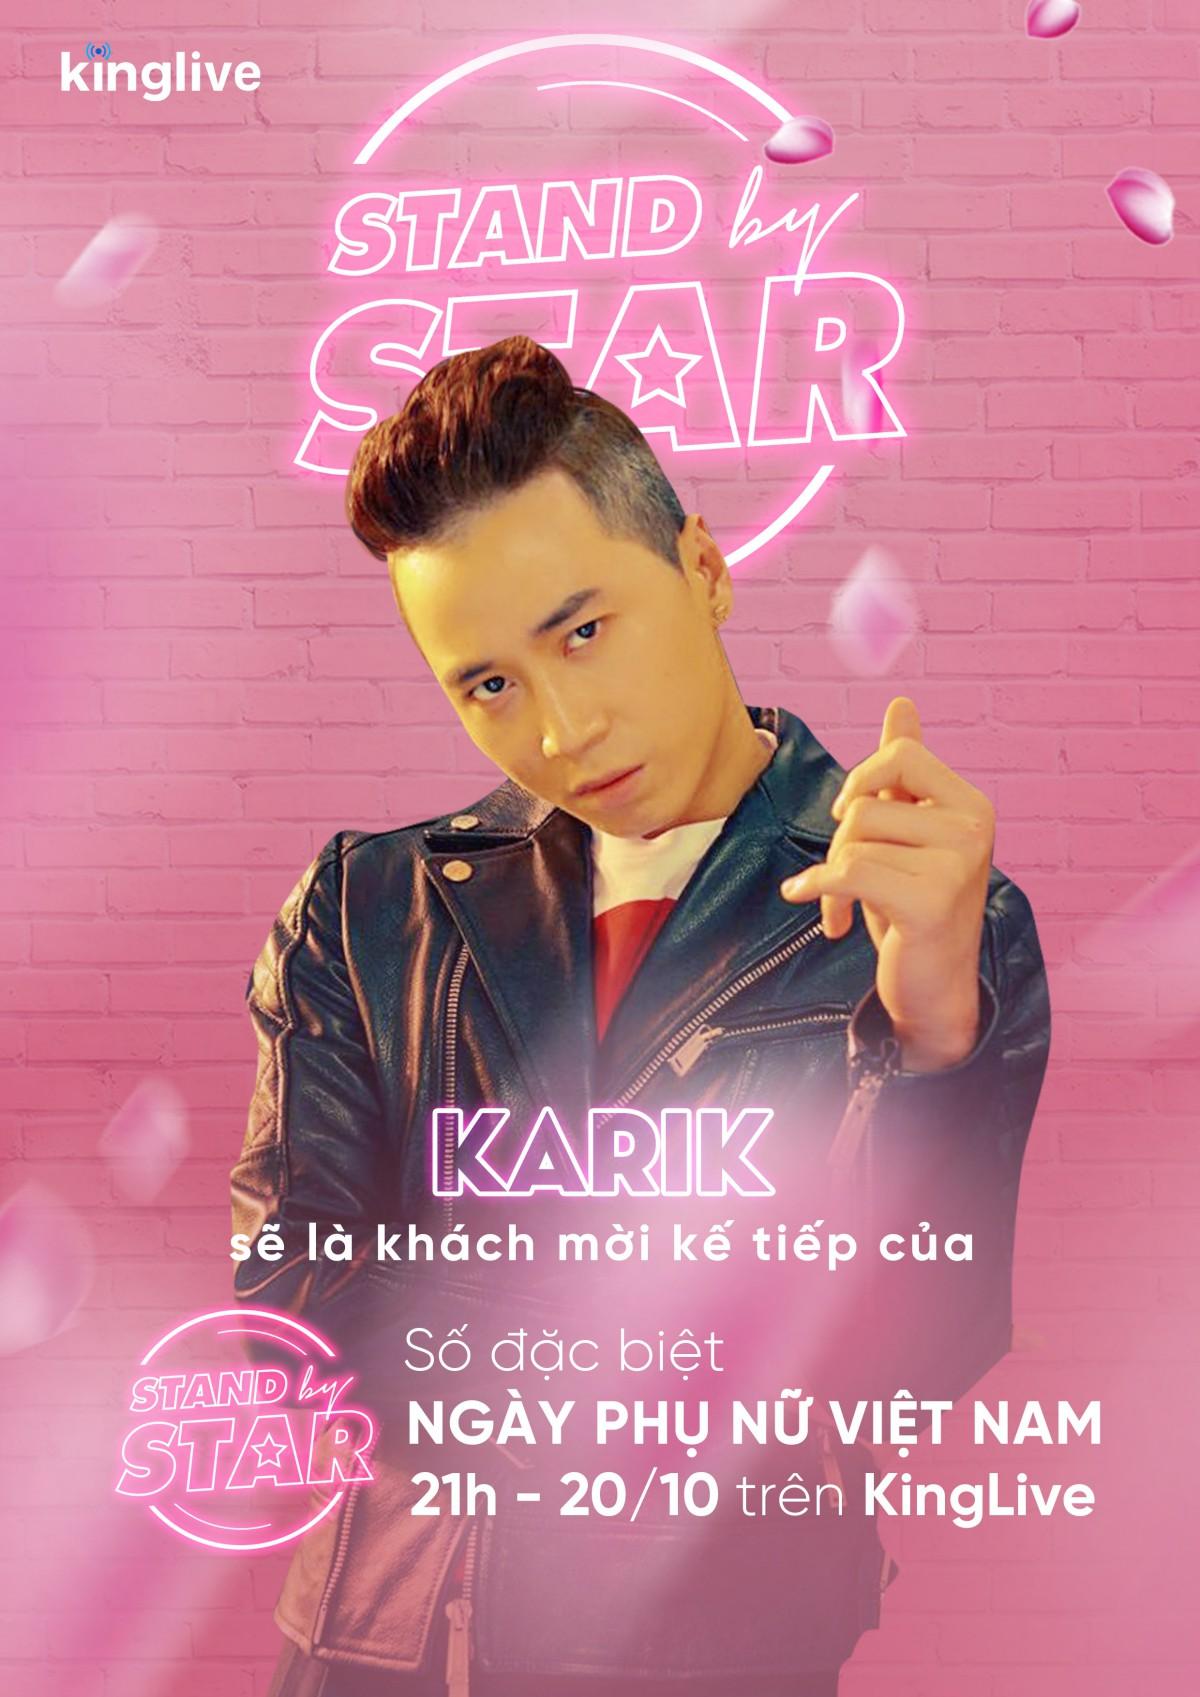 Dàn sao khủng Vbiz đổ bộ Stand By Star, hứa hẹn bùng nổ cảm xúc cùng ngày Phụ nữ Việt Nam 20/10 - Ảnh 8.